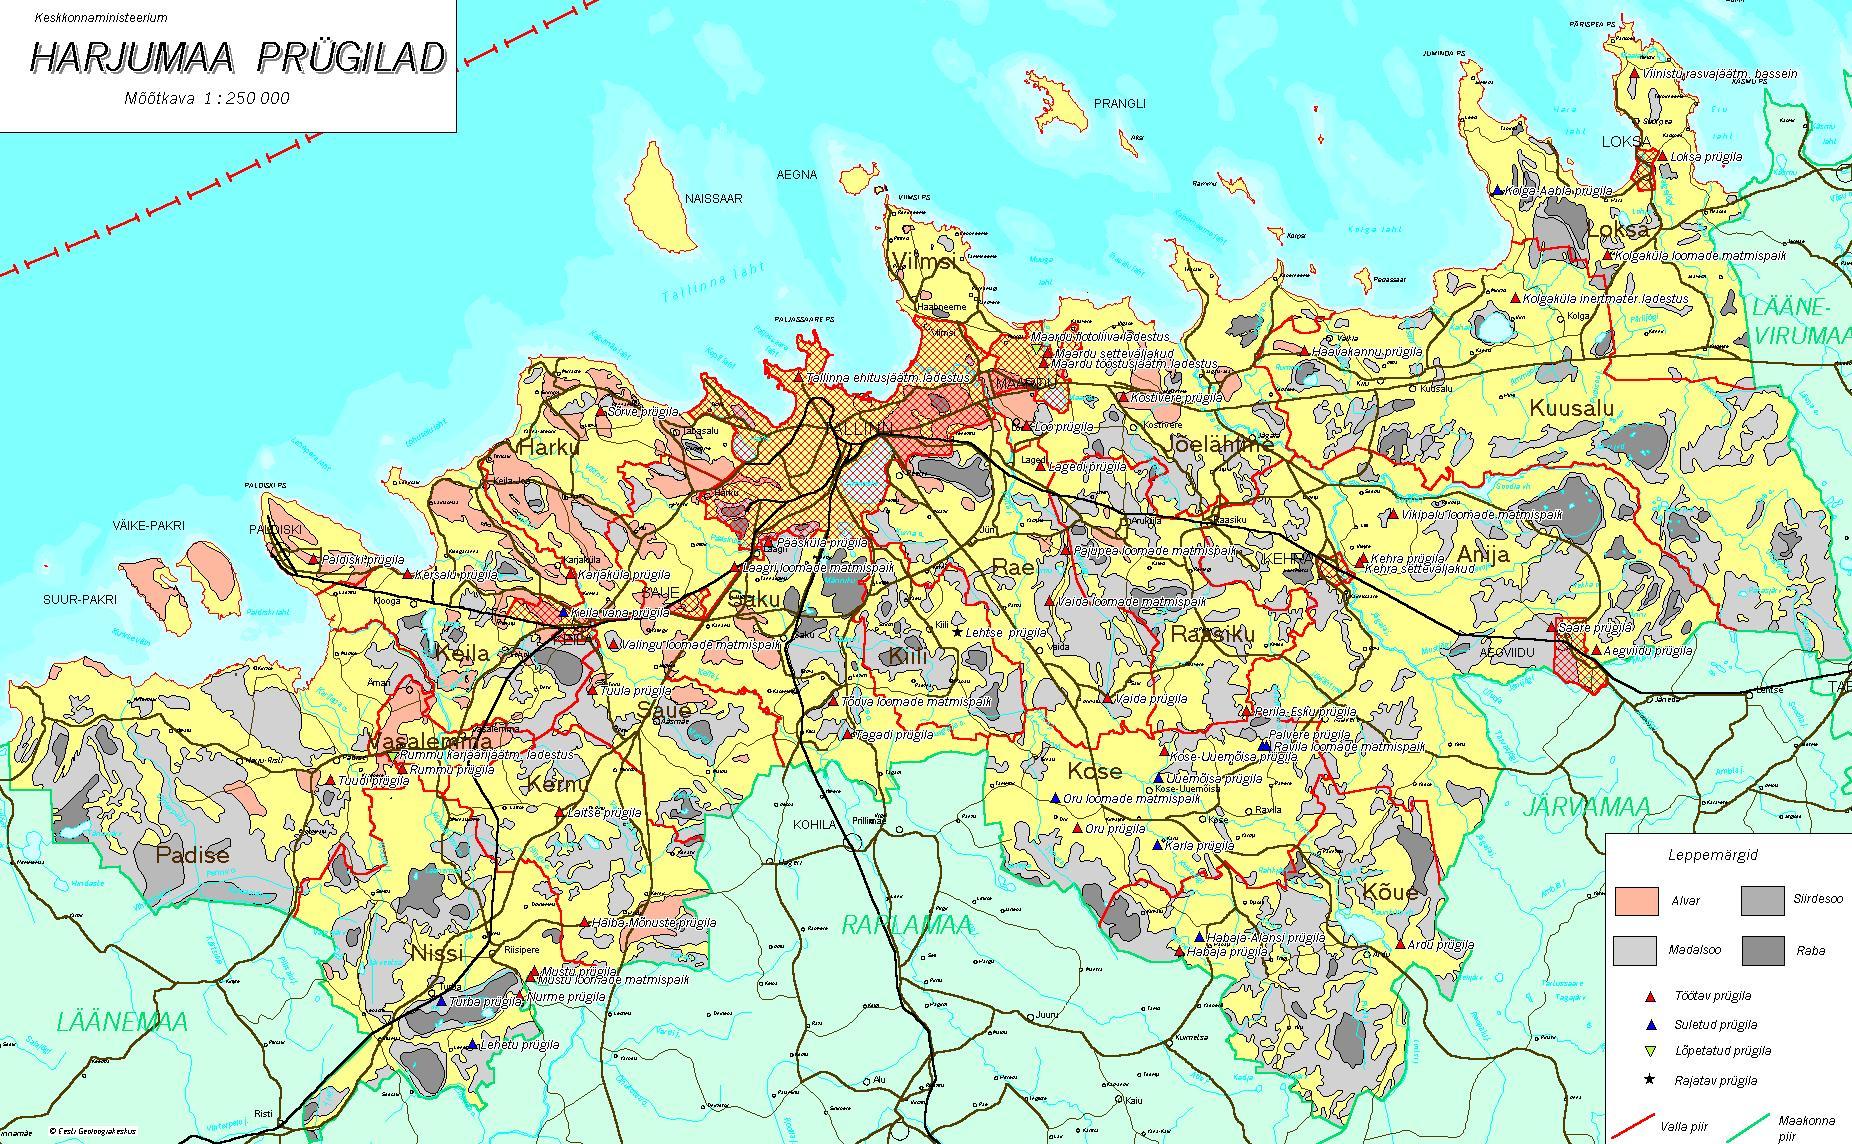 Топографическая карта уезда Харьюмаа